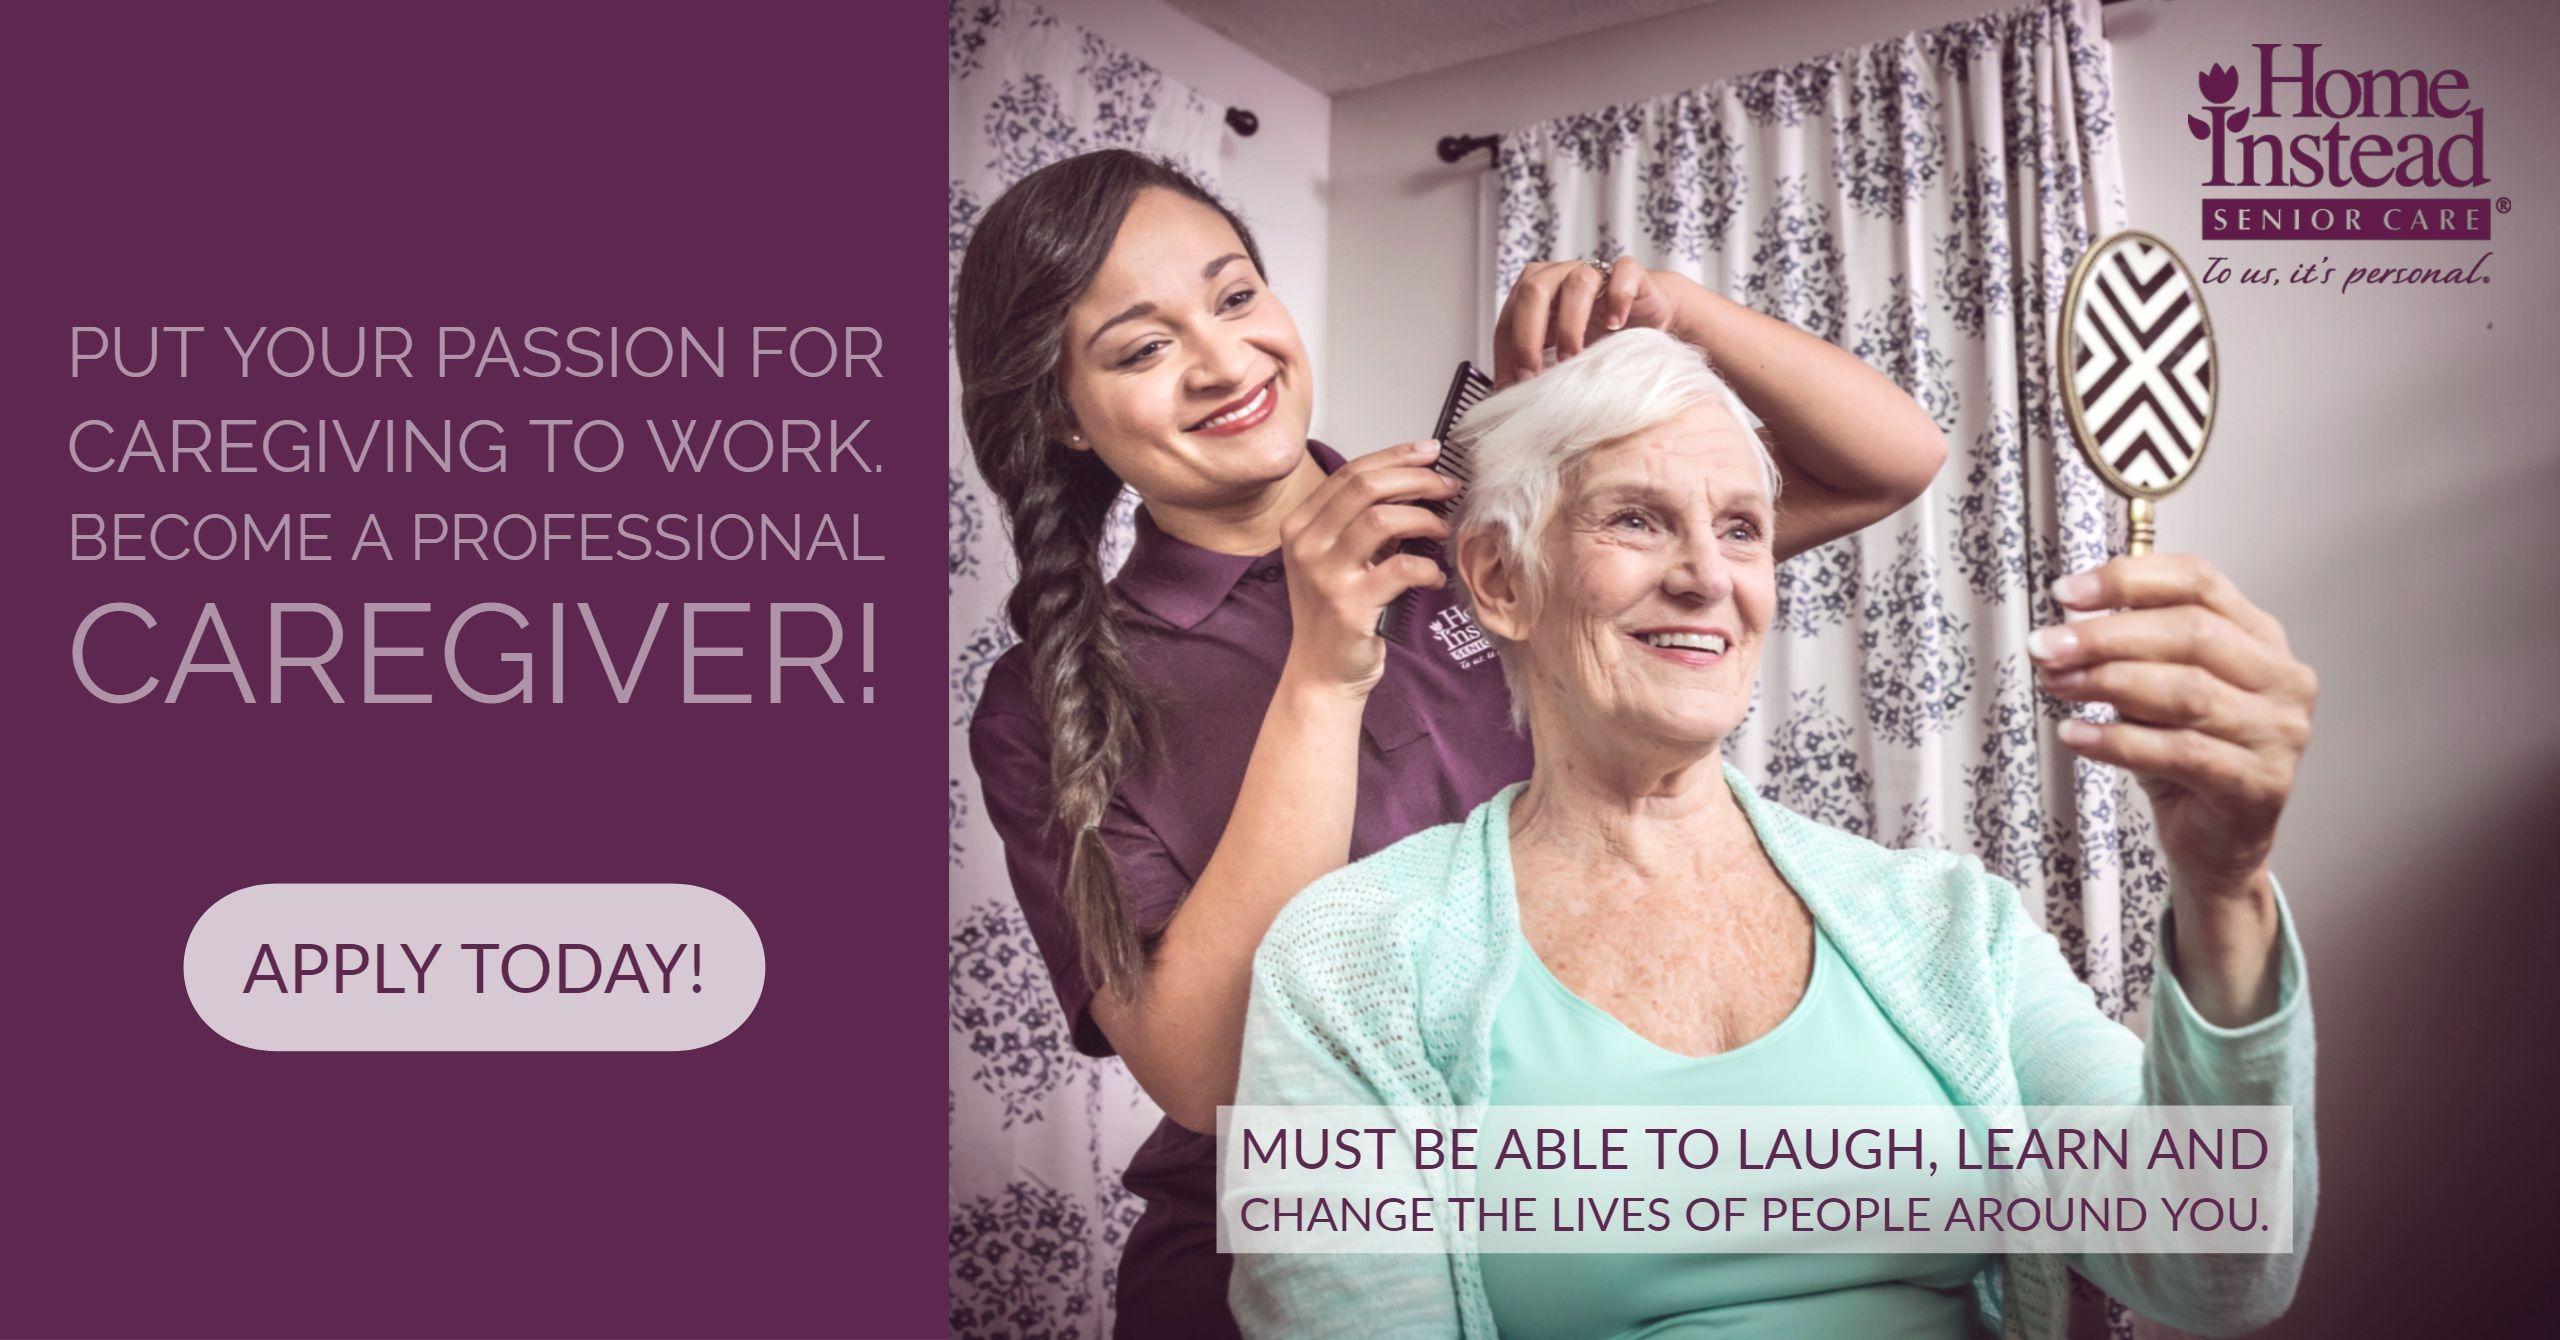 Become A Professional Caregiver Caregiver Care Jobs Home Instead